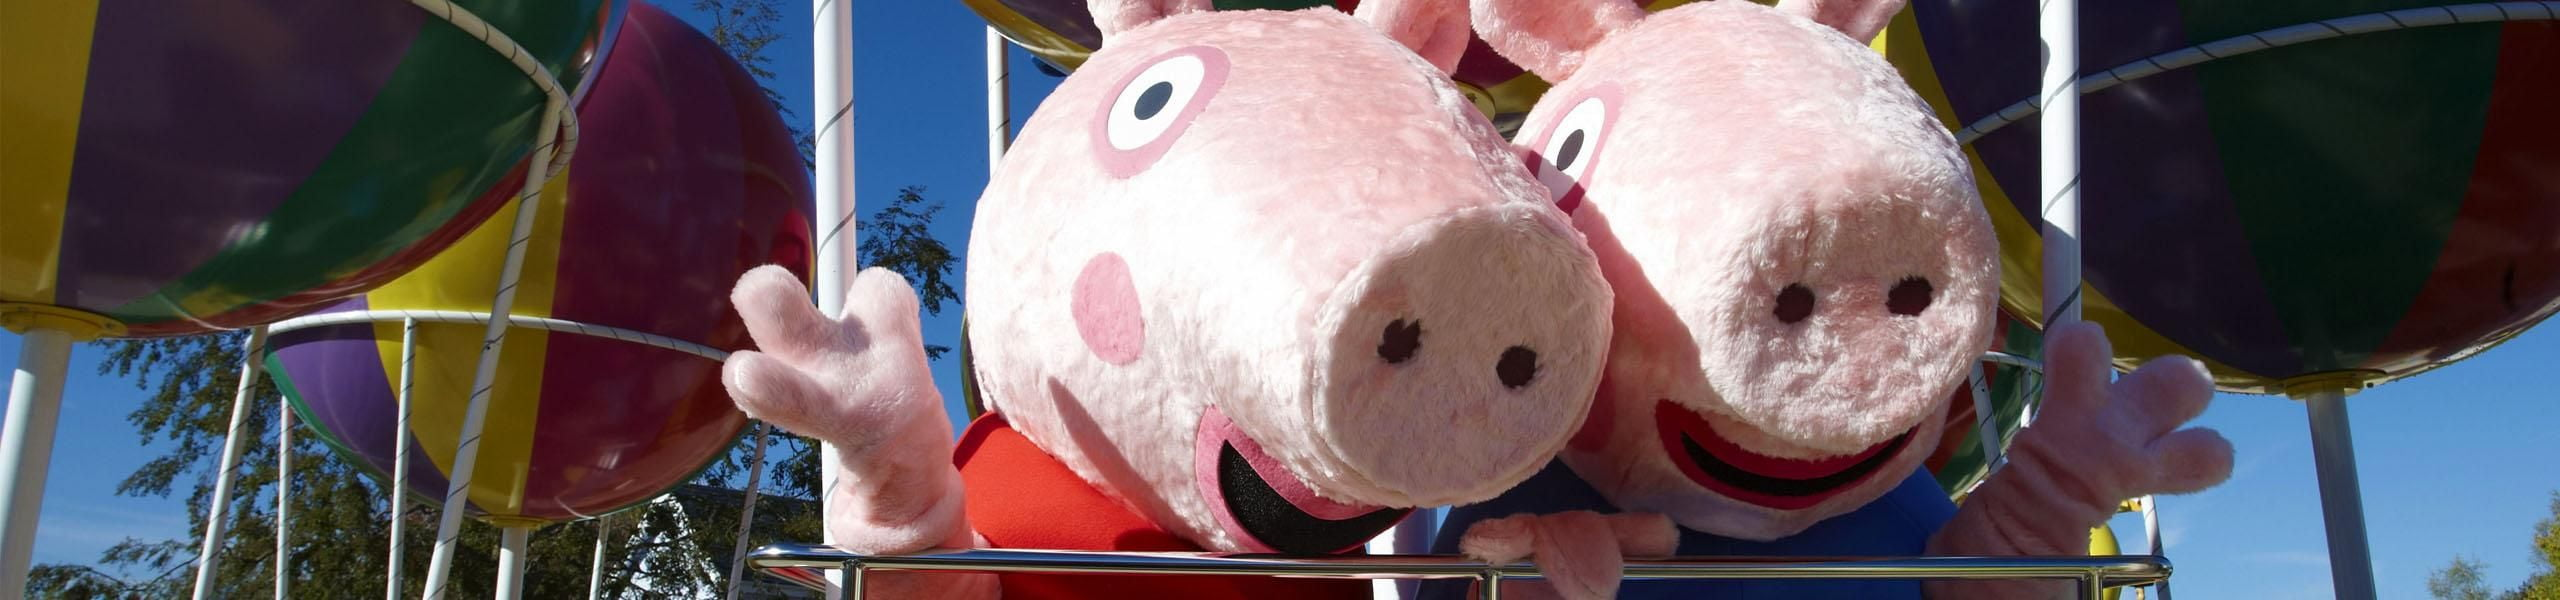 Meet Peppa Pig and George at Paultons Park